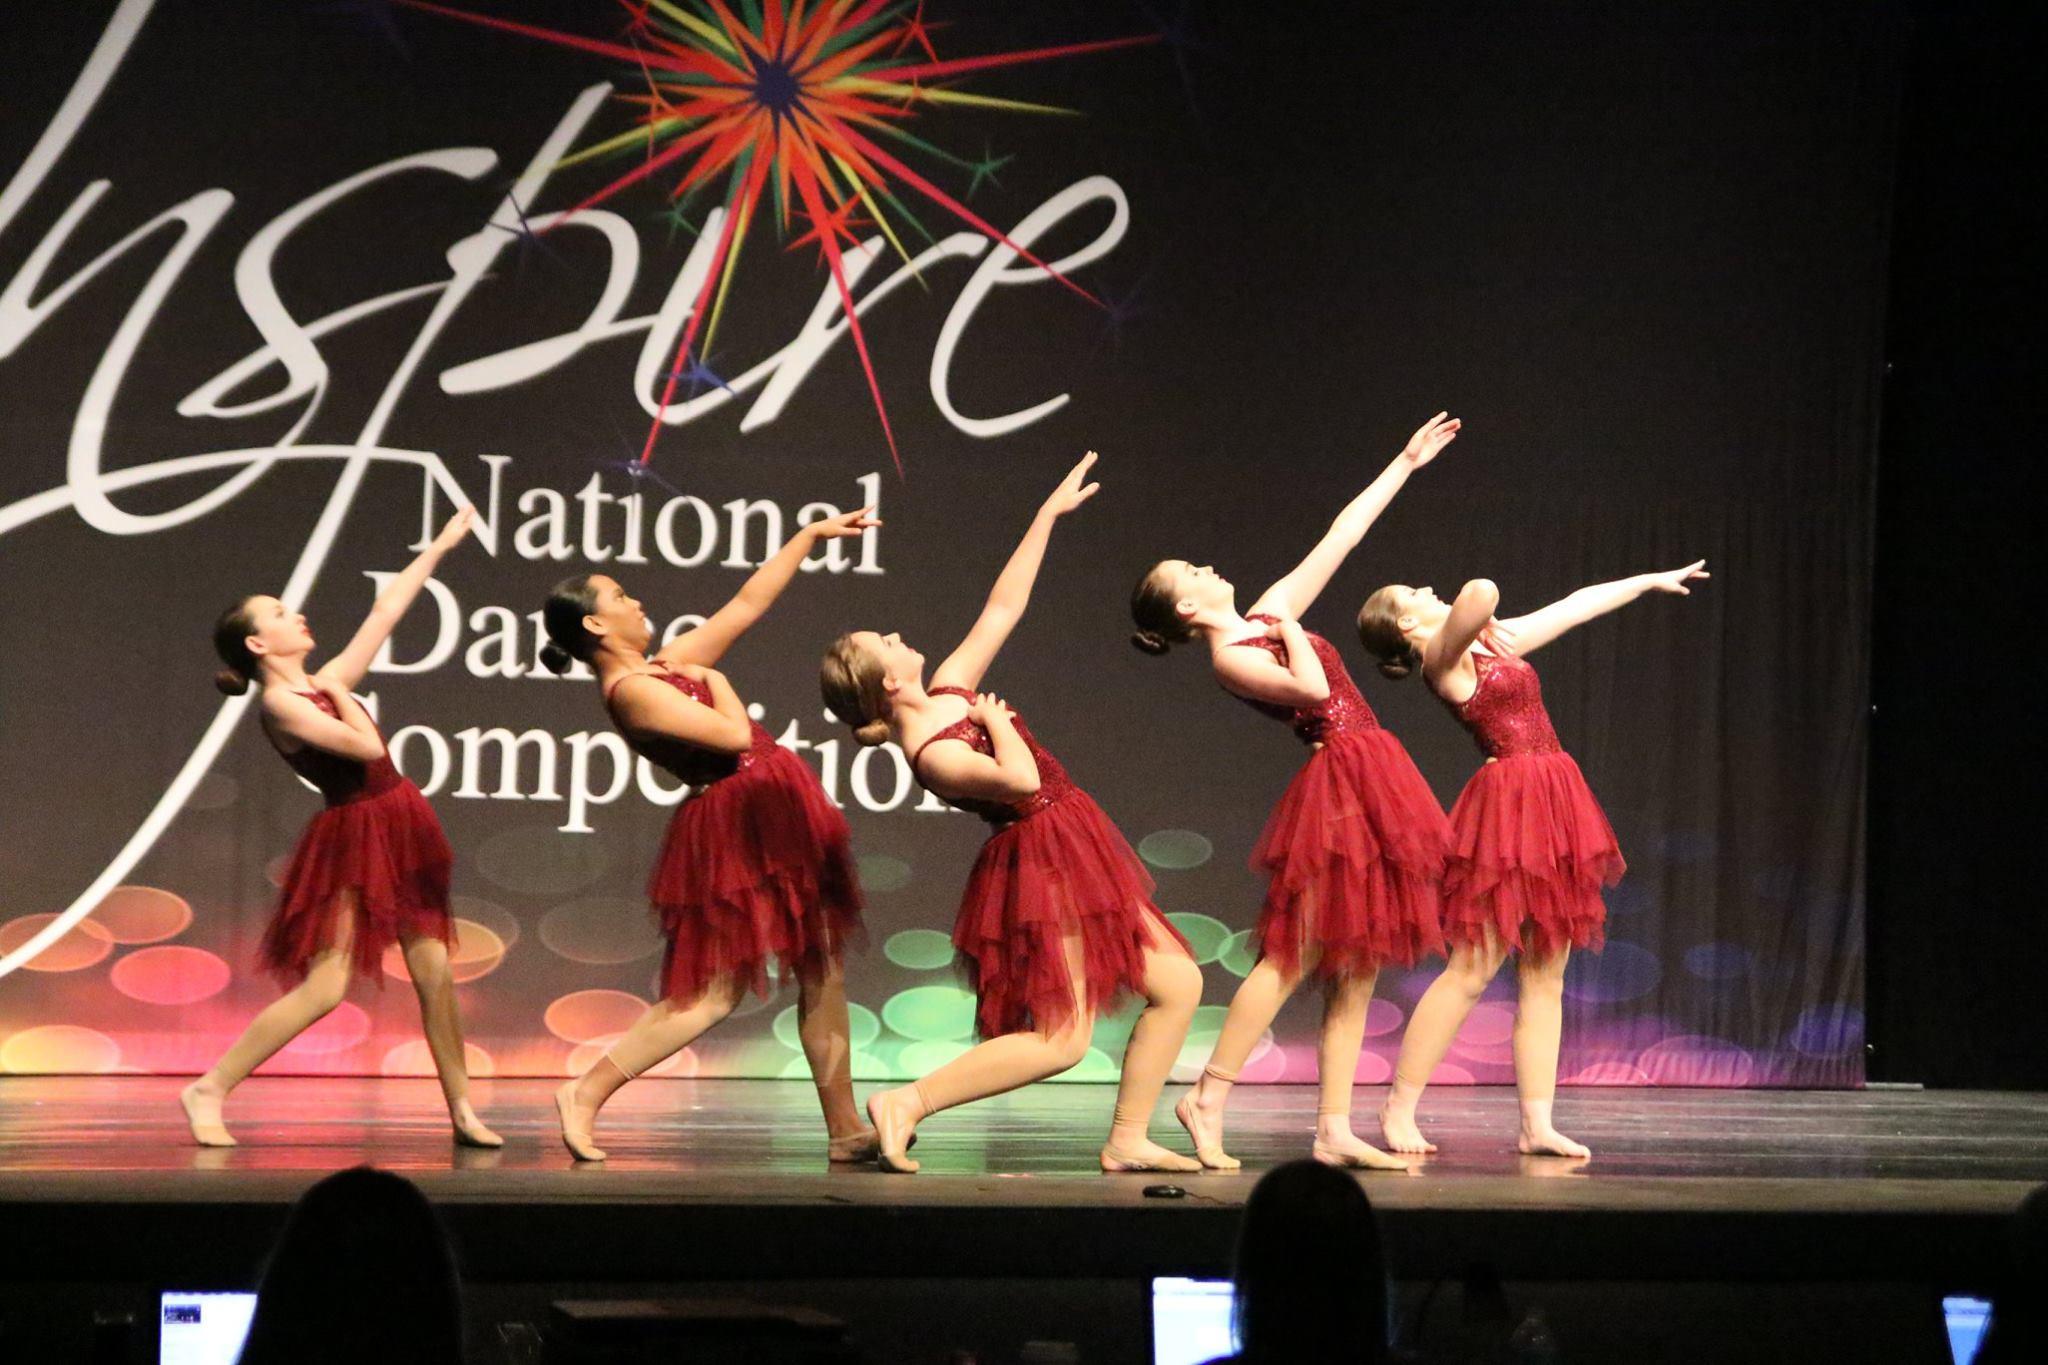 'We Dance'